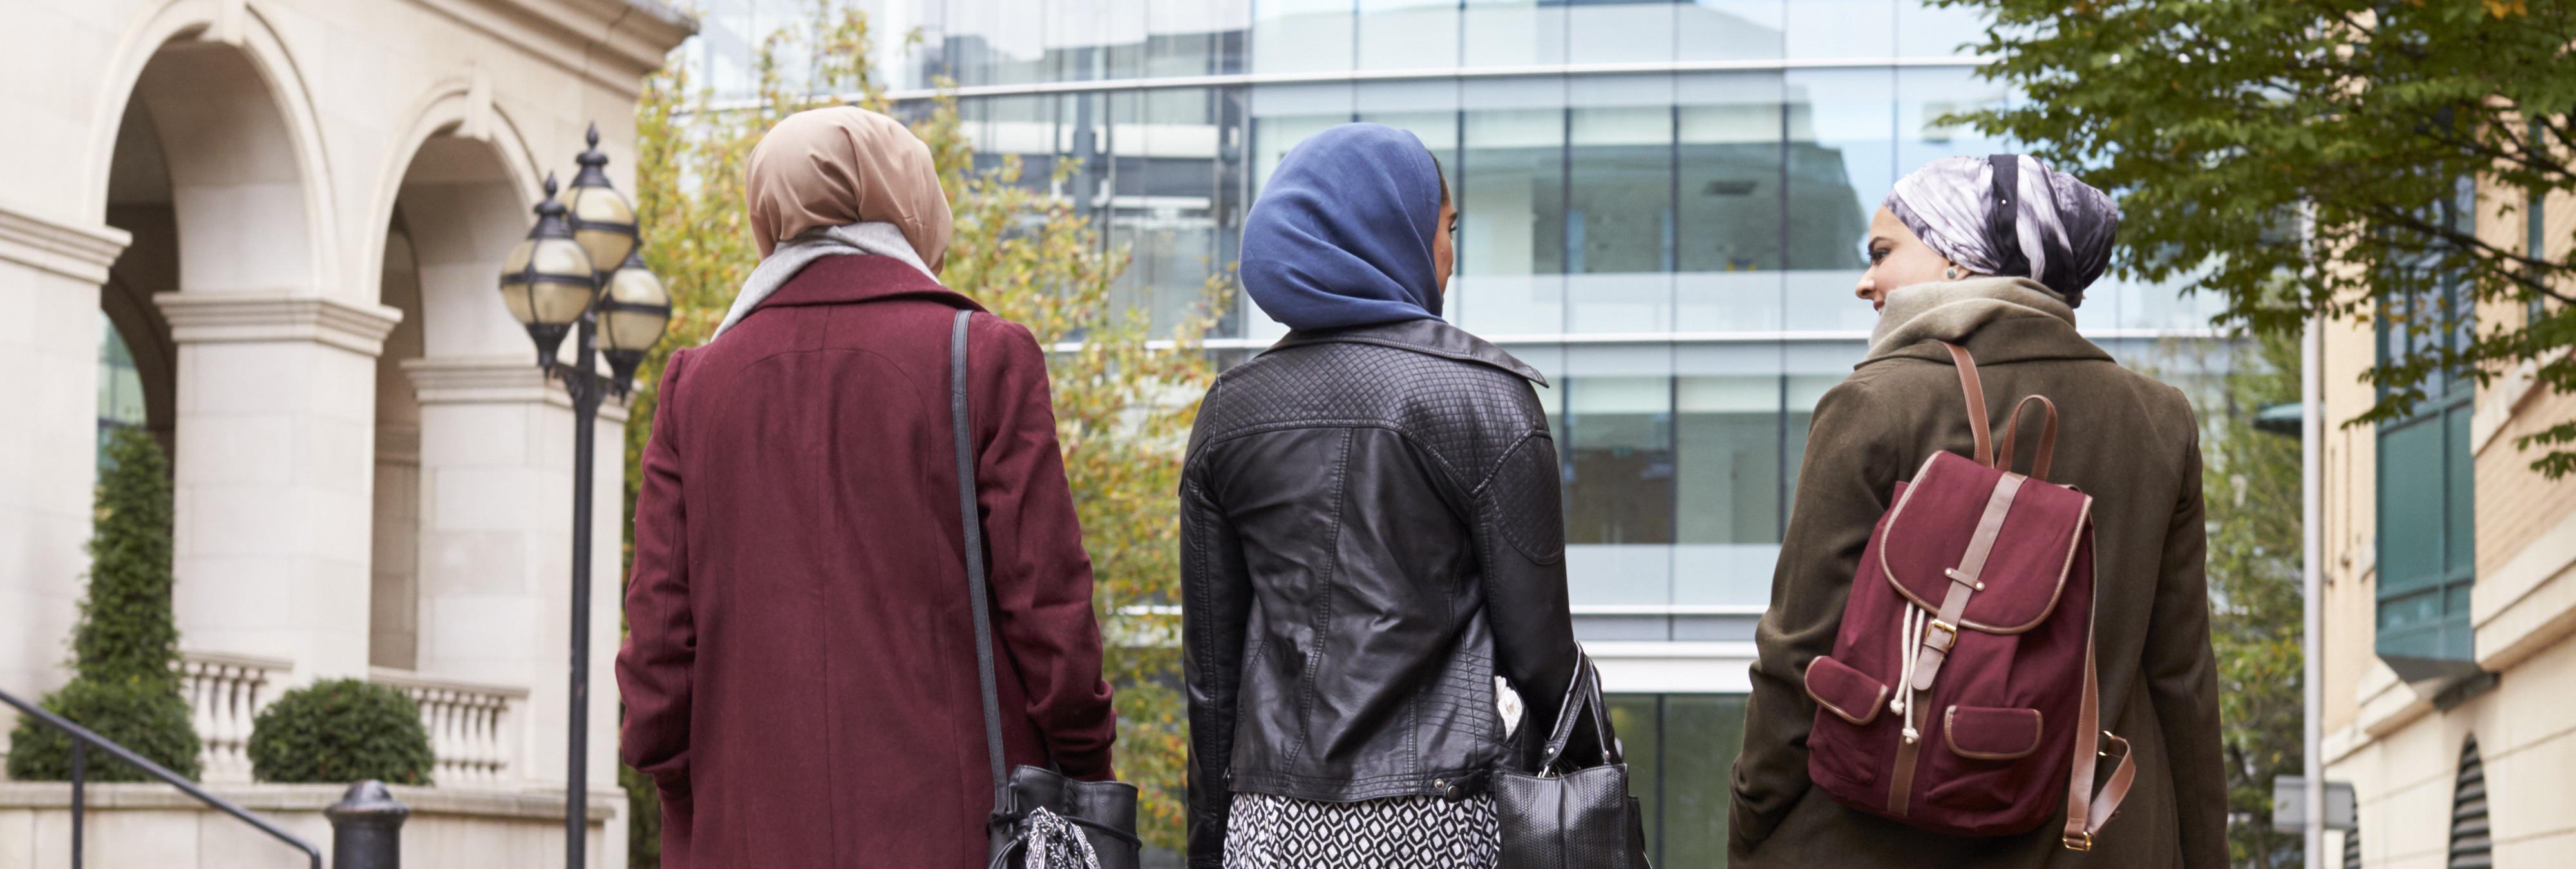 La justicia europea avala que las empresas puedan prohibir el velo islámico en el trabajo